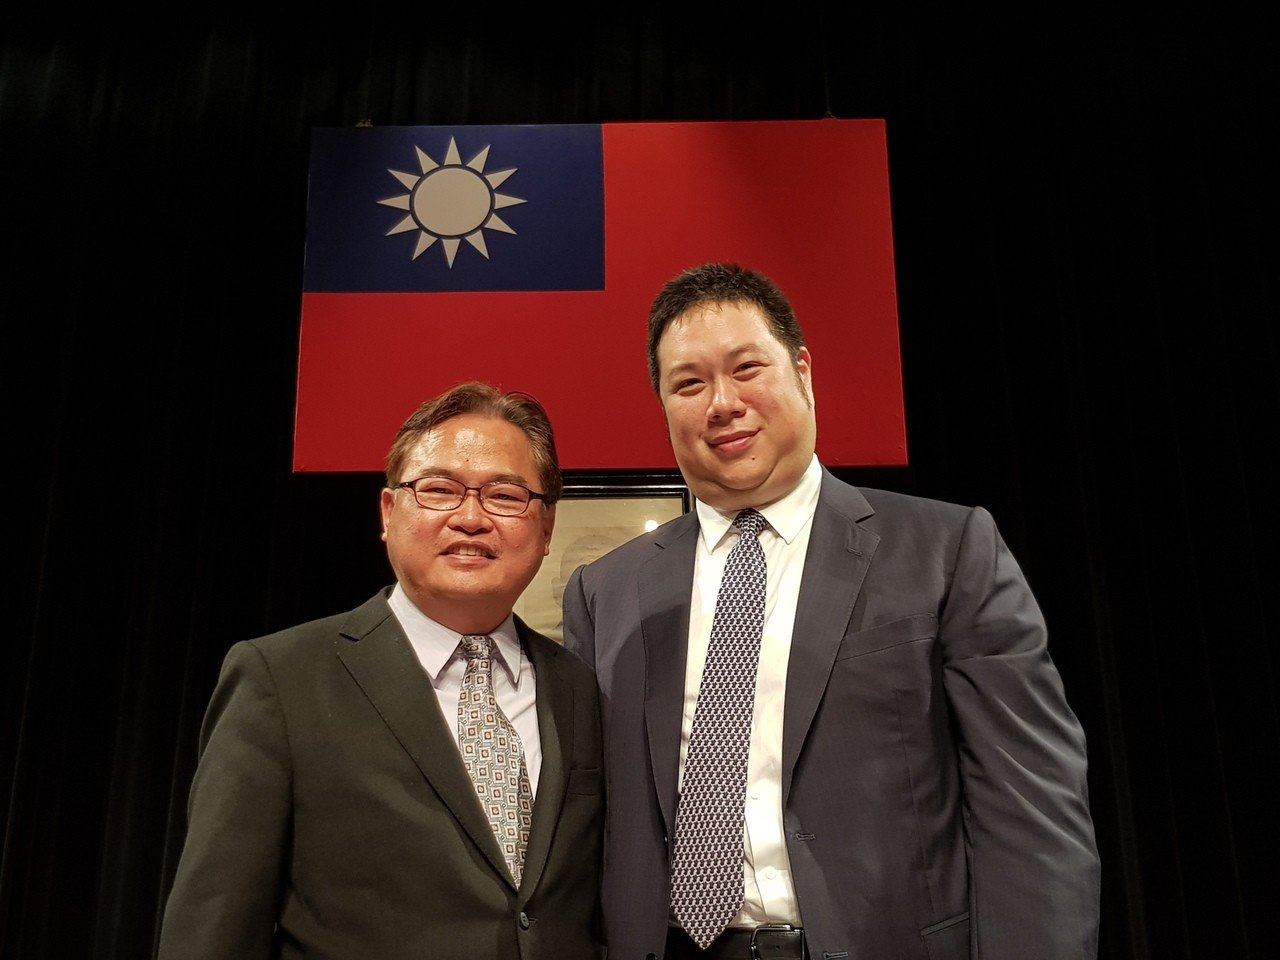 中橡董事長辜公怡(右)與總經理黃柏松。(記者曾仁凱/攝影)